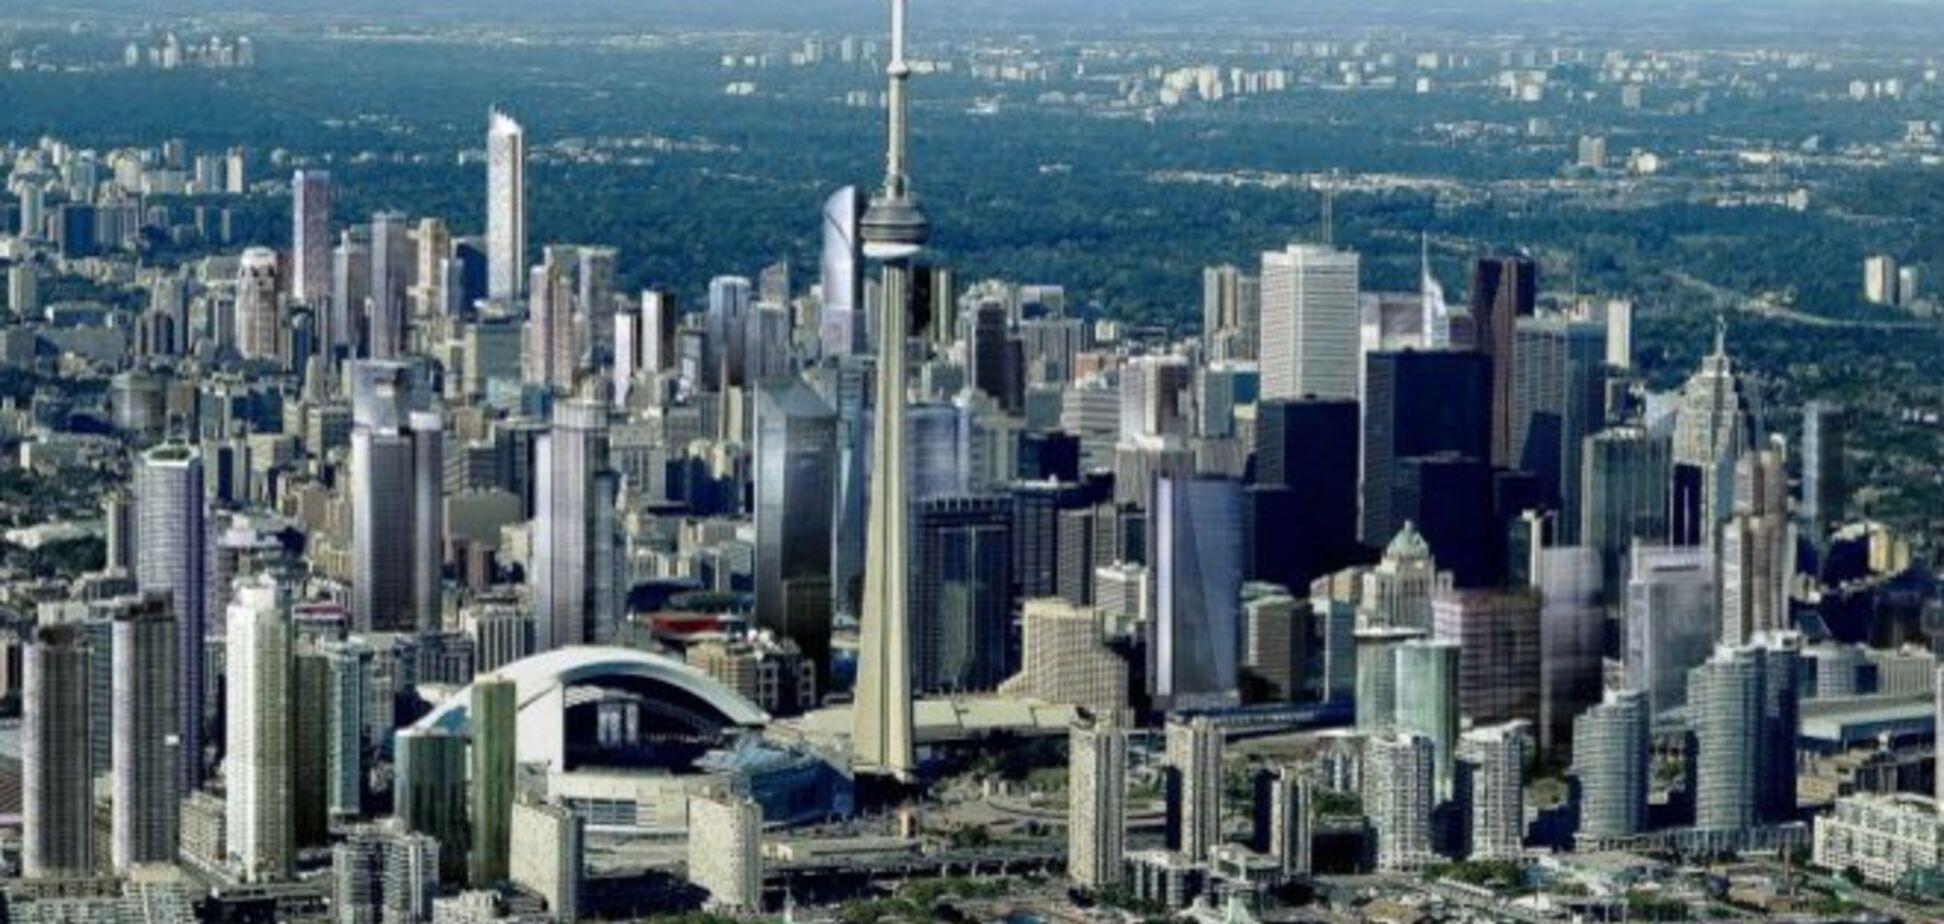 Эксперты выбрали лучшие города для инвестиций в недвижимость